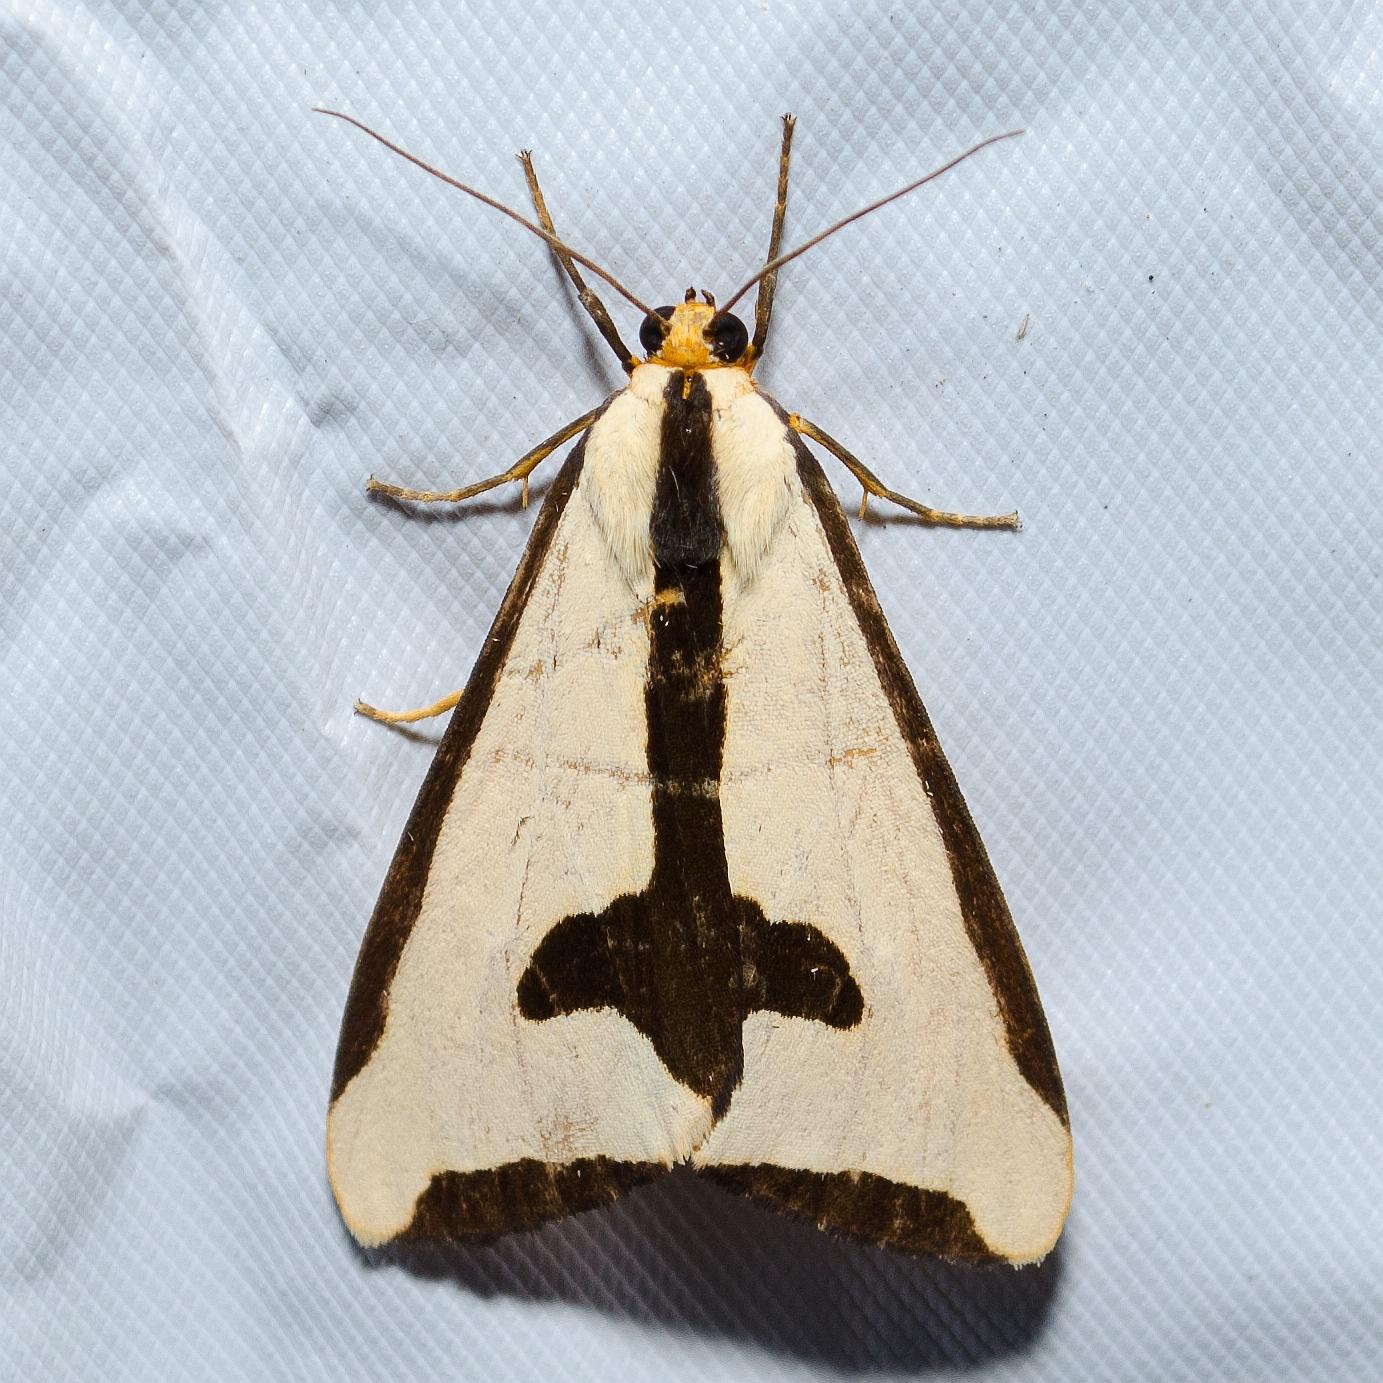 Clymene Moth, Haploa clymene